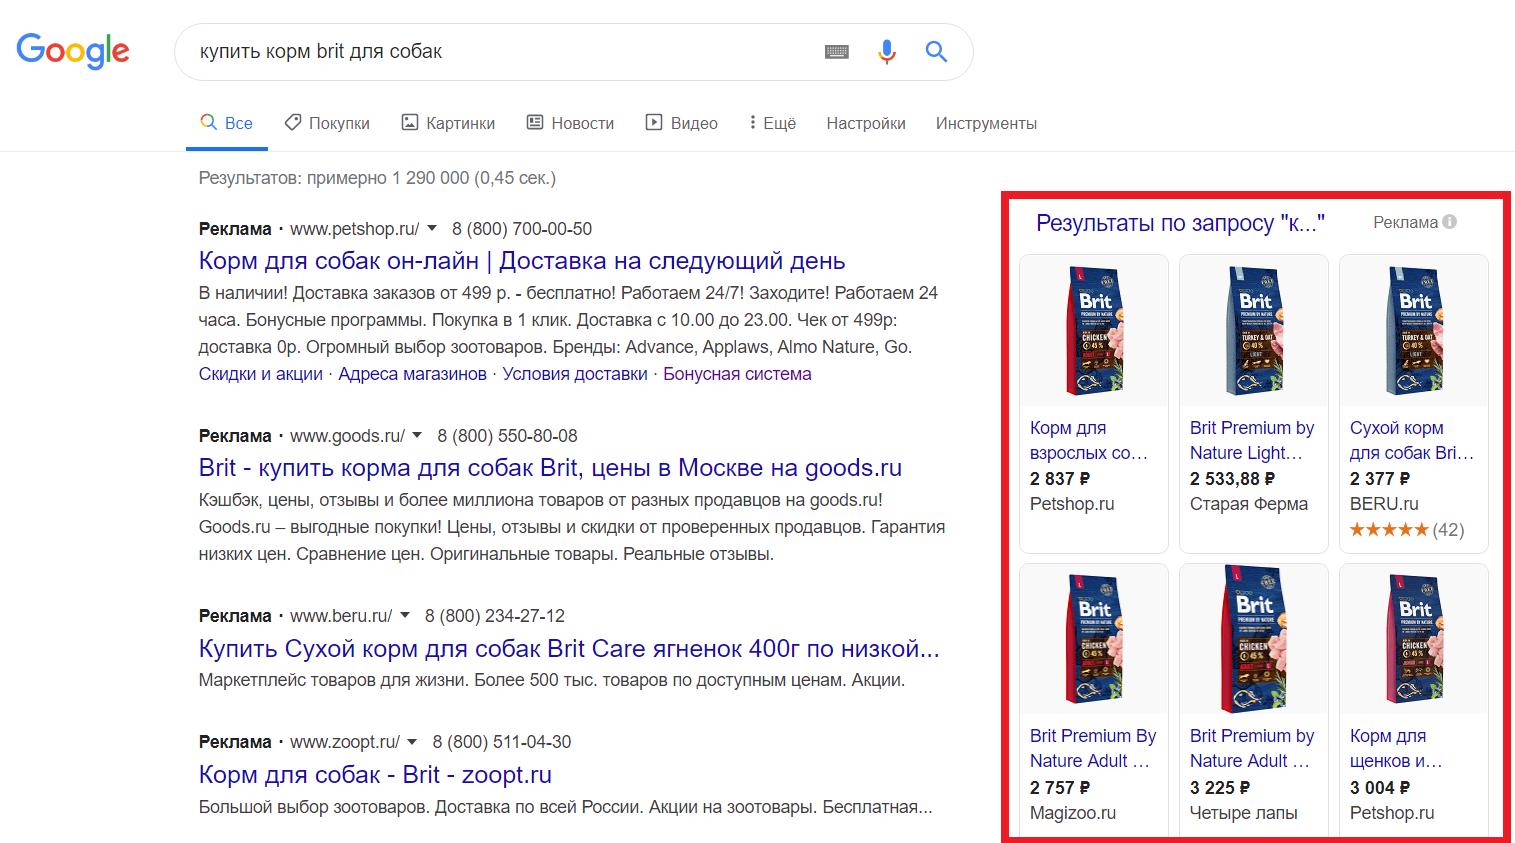 Товарные объявления в поиске Google